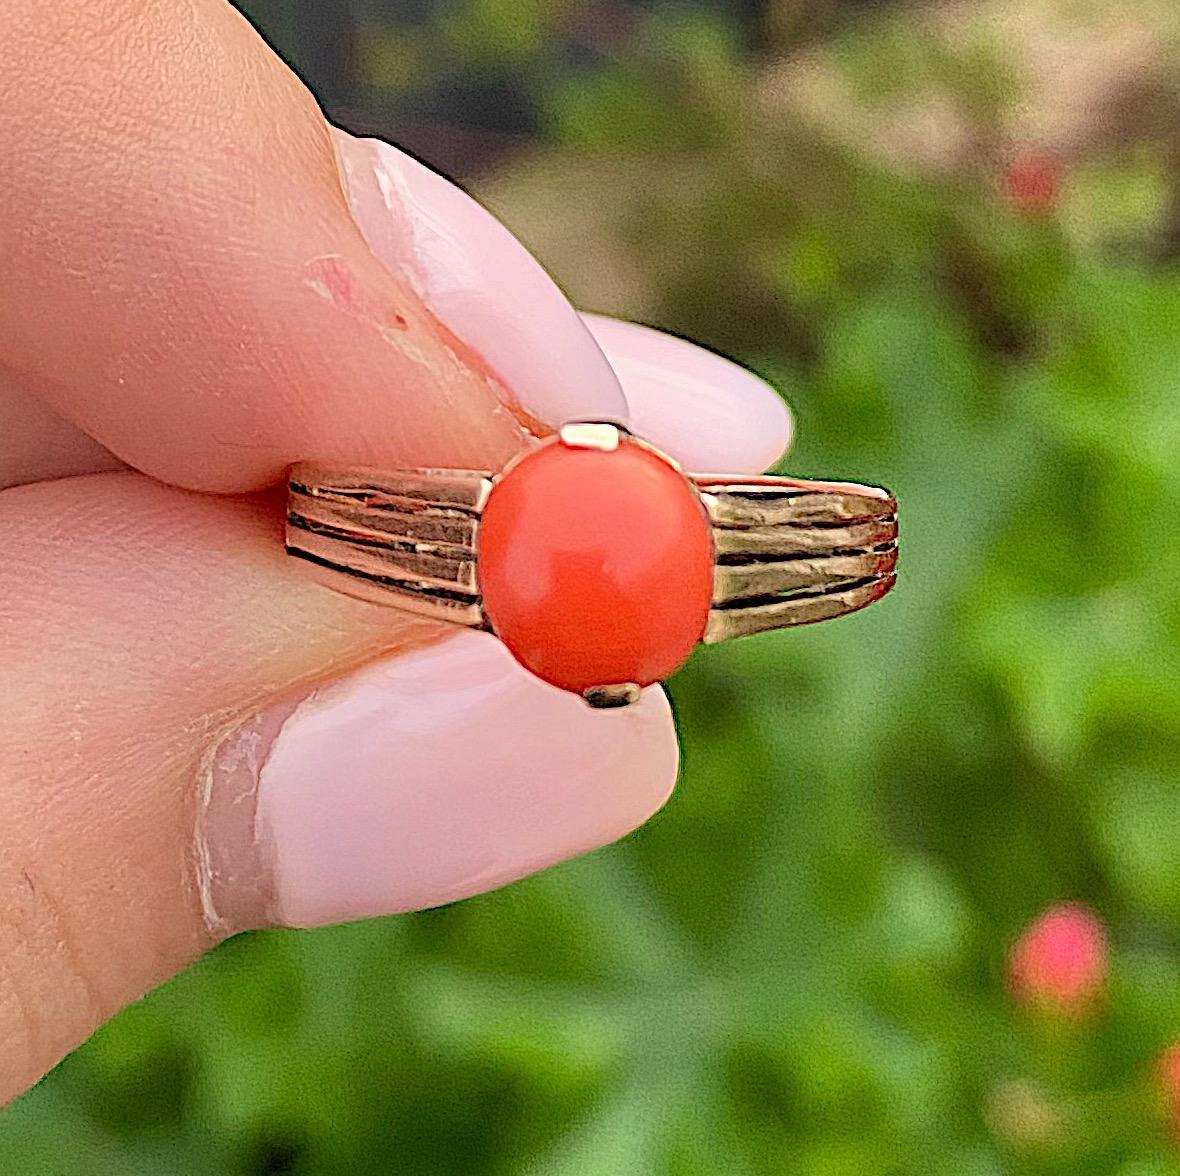 טבעת עתיקה, זהב 14k עם קורל.